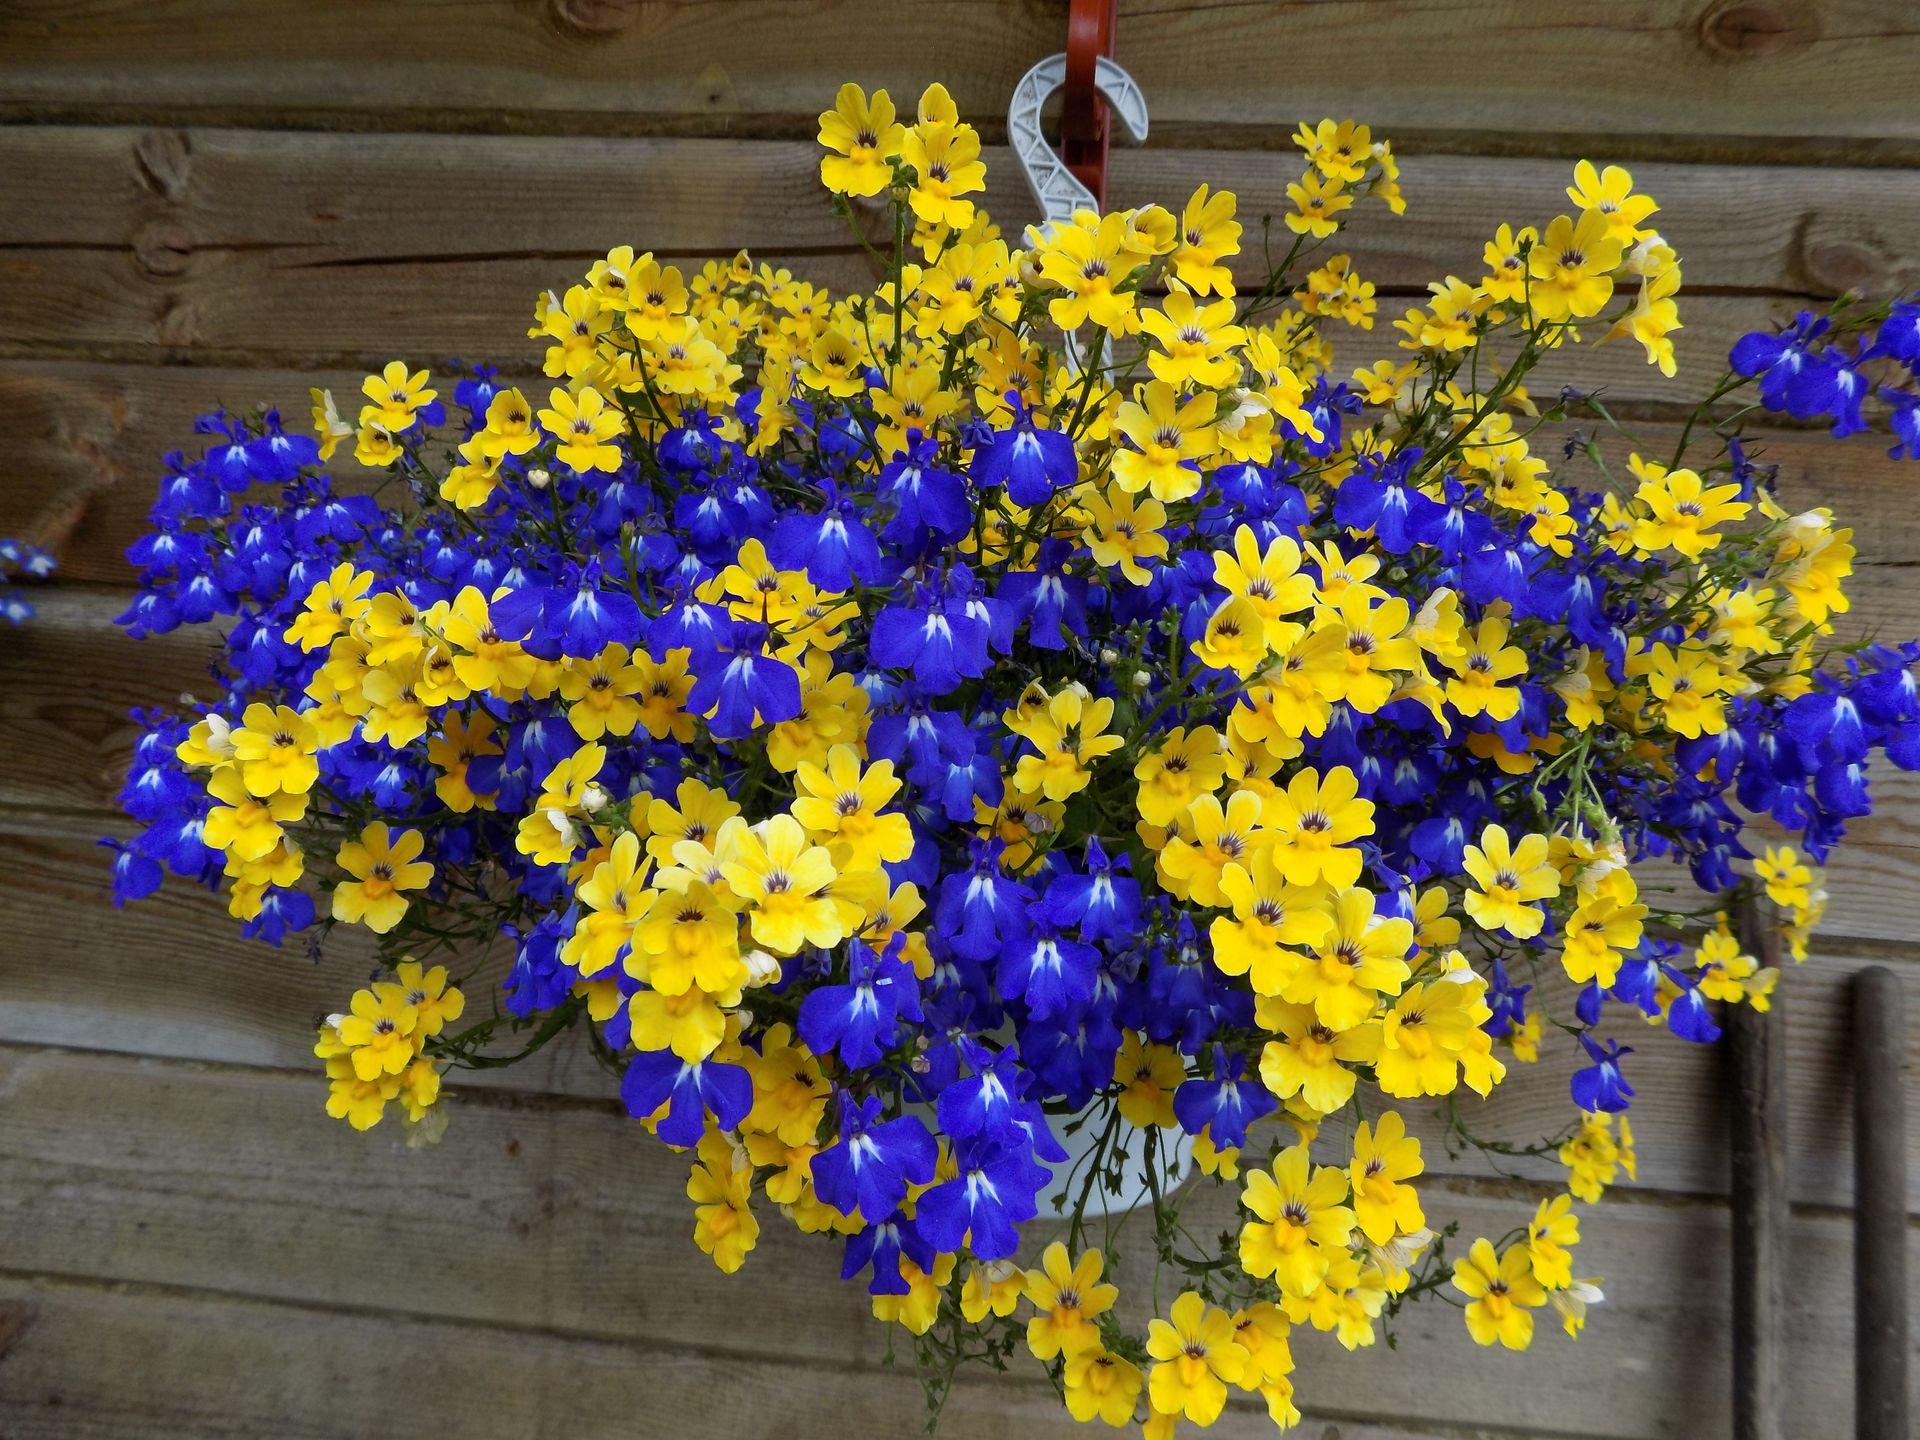 Ампельные цветы для размещения в кашпо и их названия